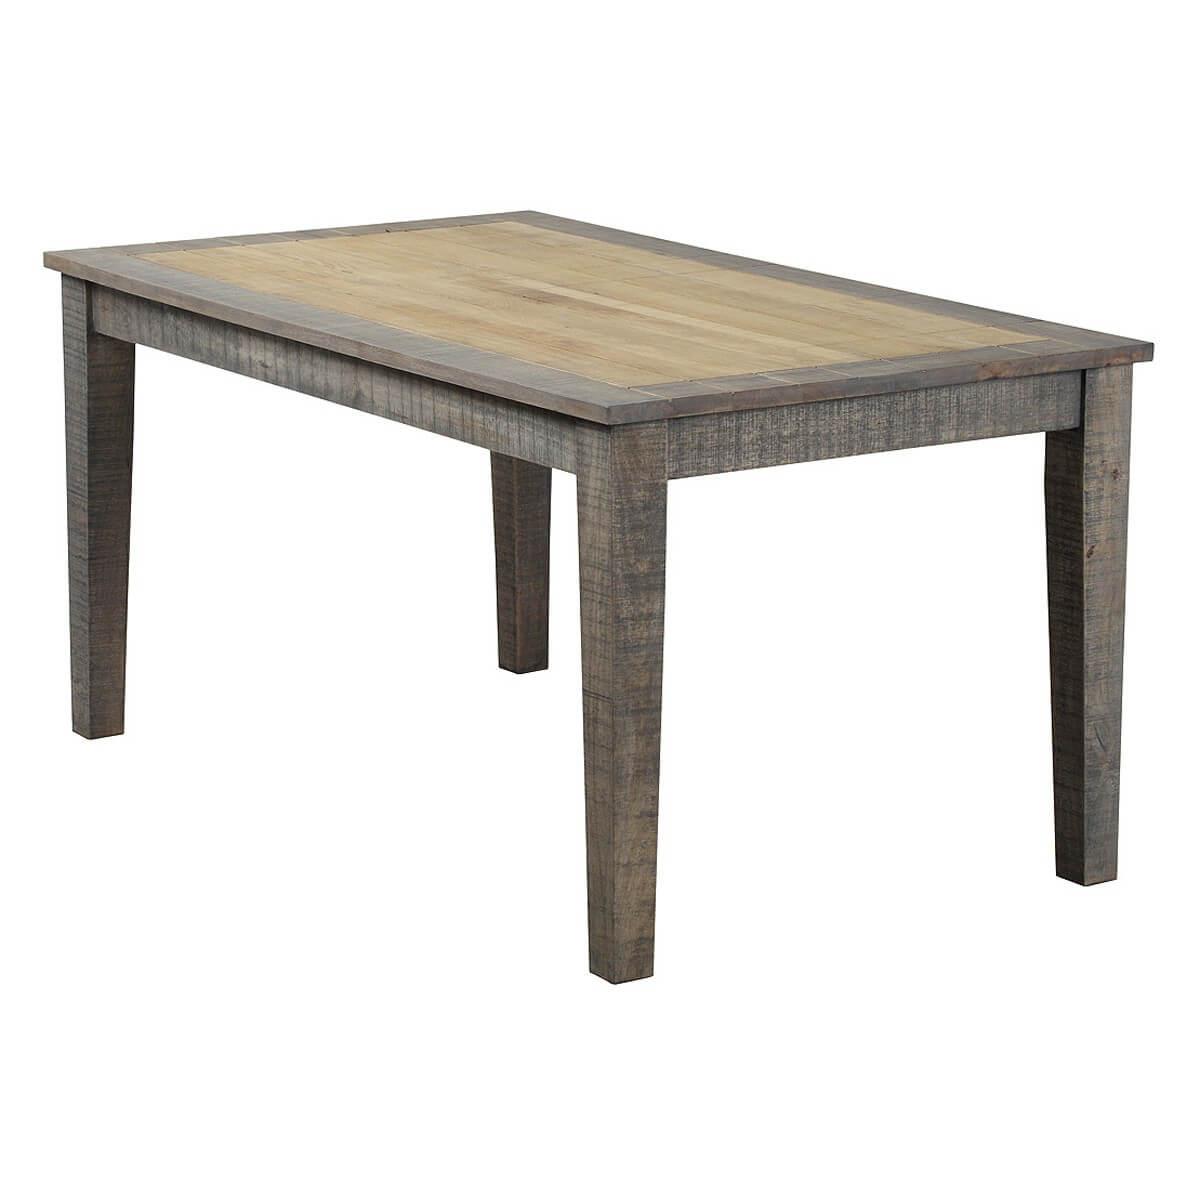 Esstisch taarbek 160x90 aus massivholz in beige braun for Esstisch 160x90